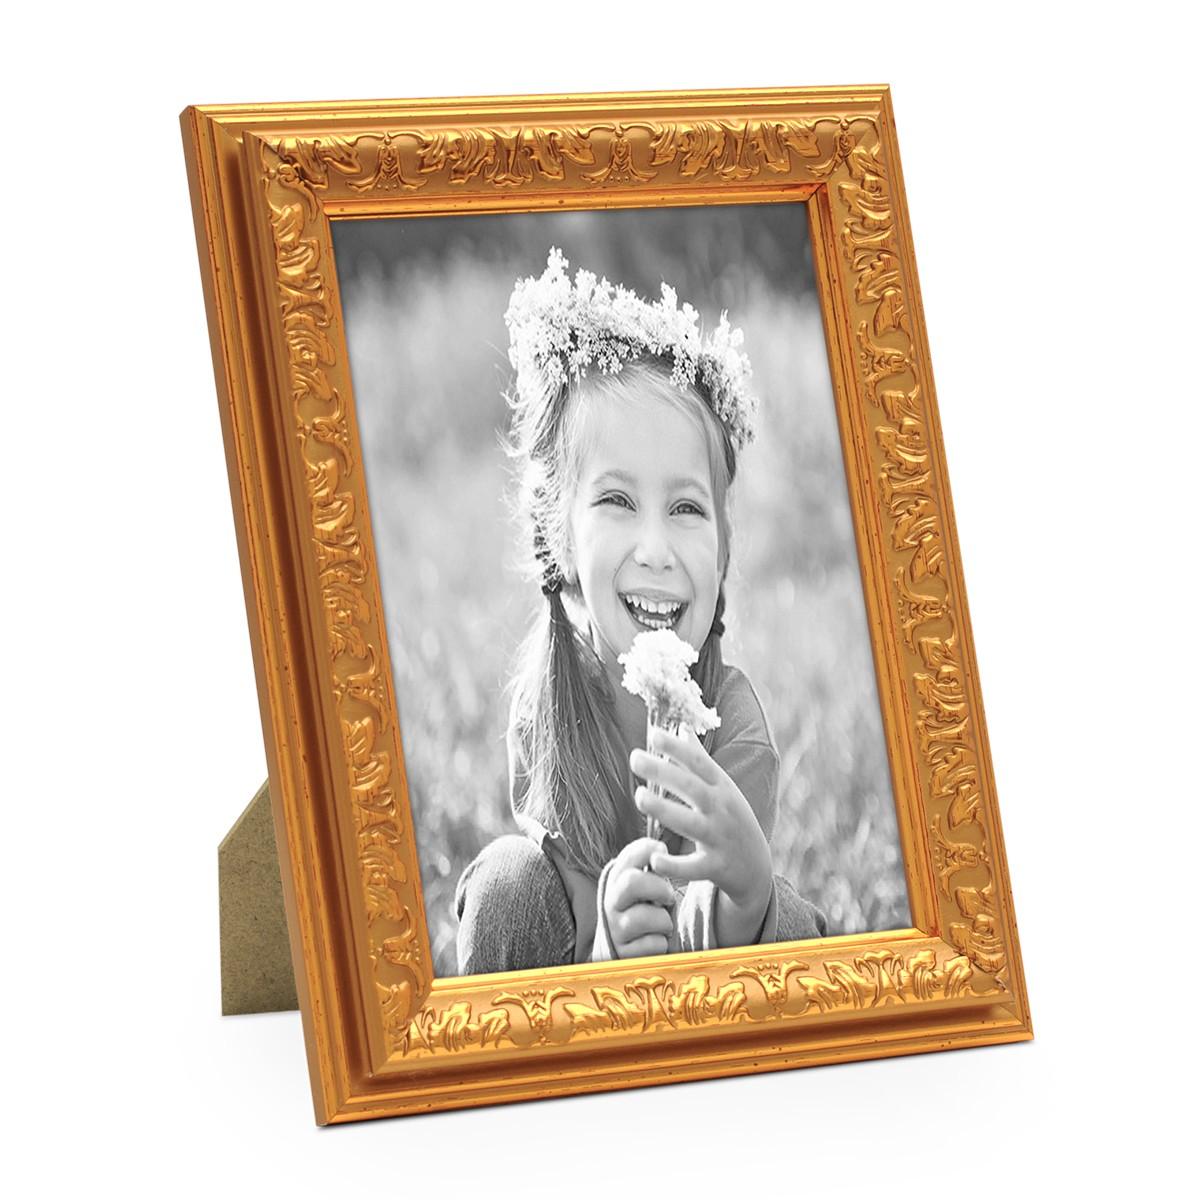 Bilderrahmen Antik Gold Nostalgie 10x15 cm Fotorahmen mit ...